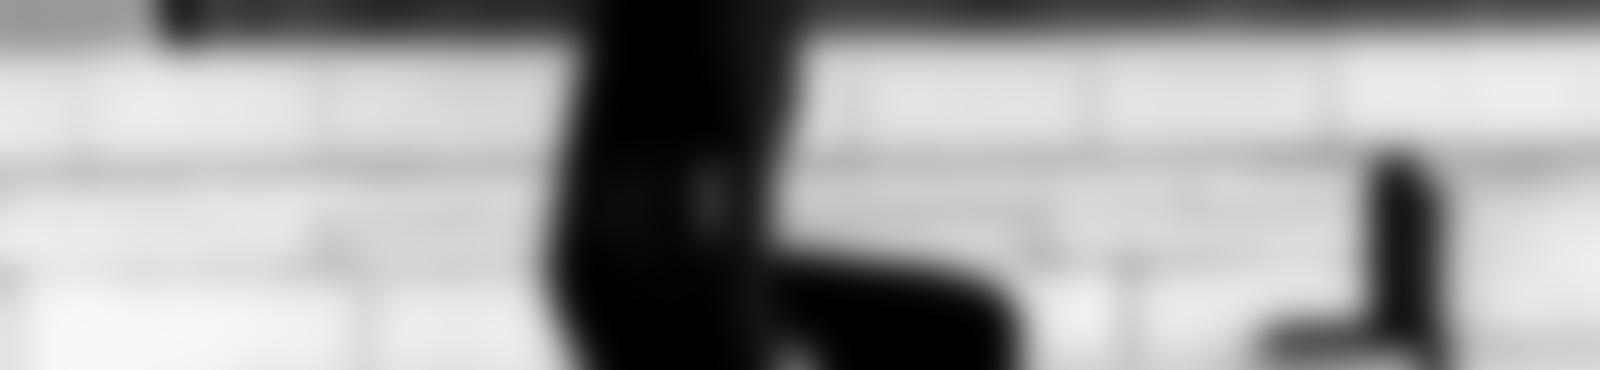 Blurred e14042b1 aea4 4acc a87c 45ccd8ab1a2c